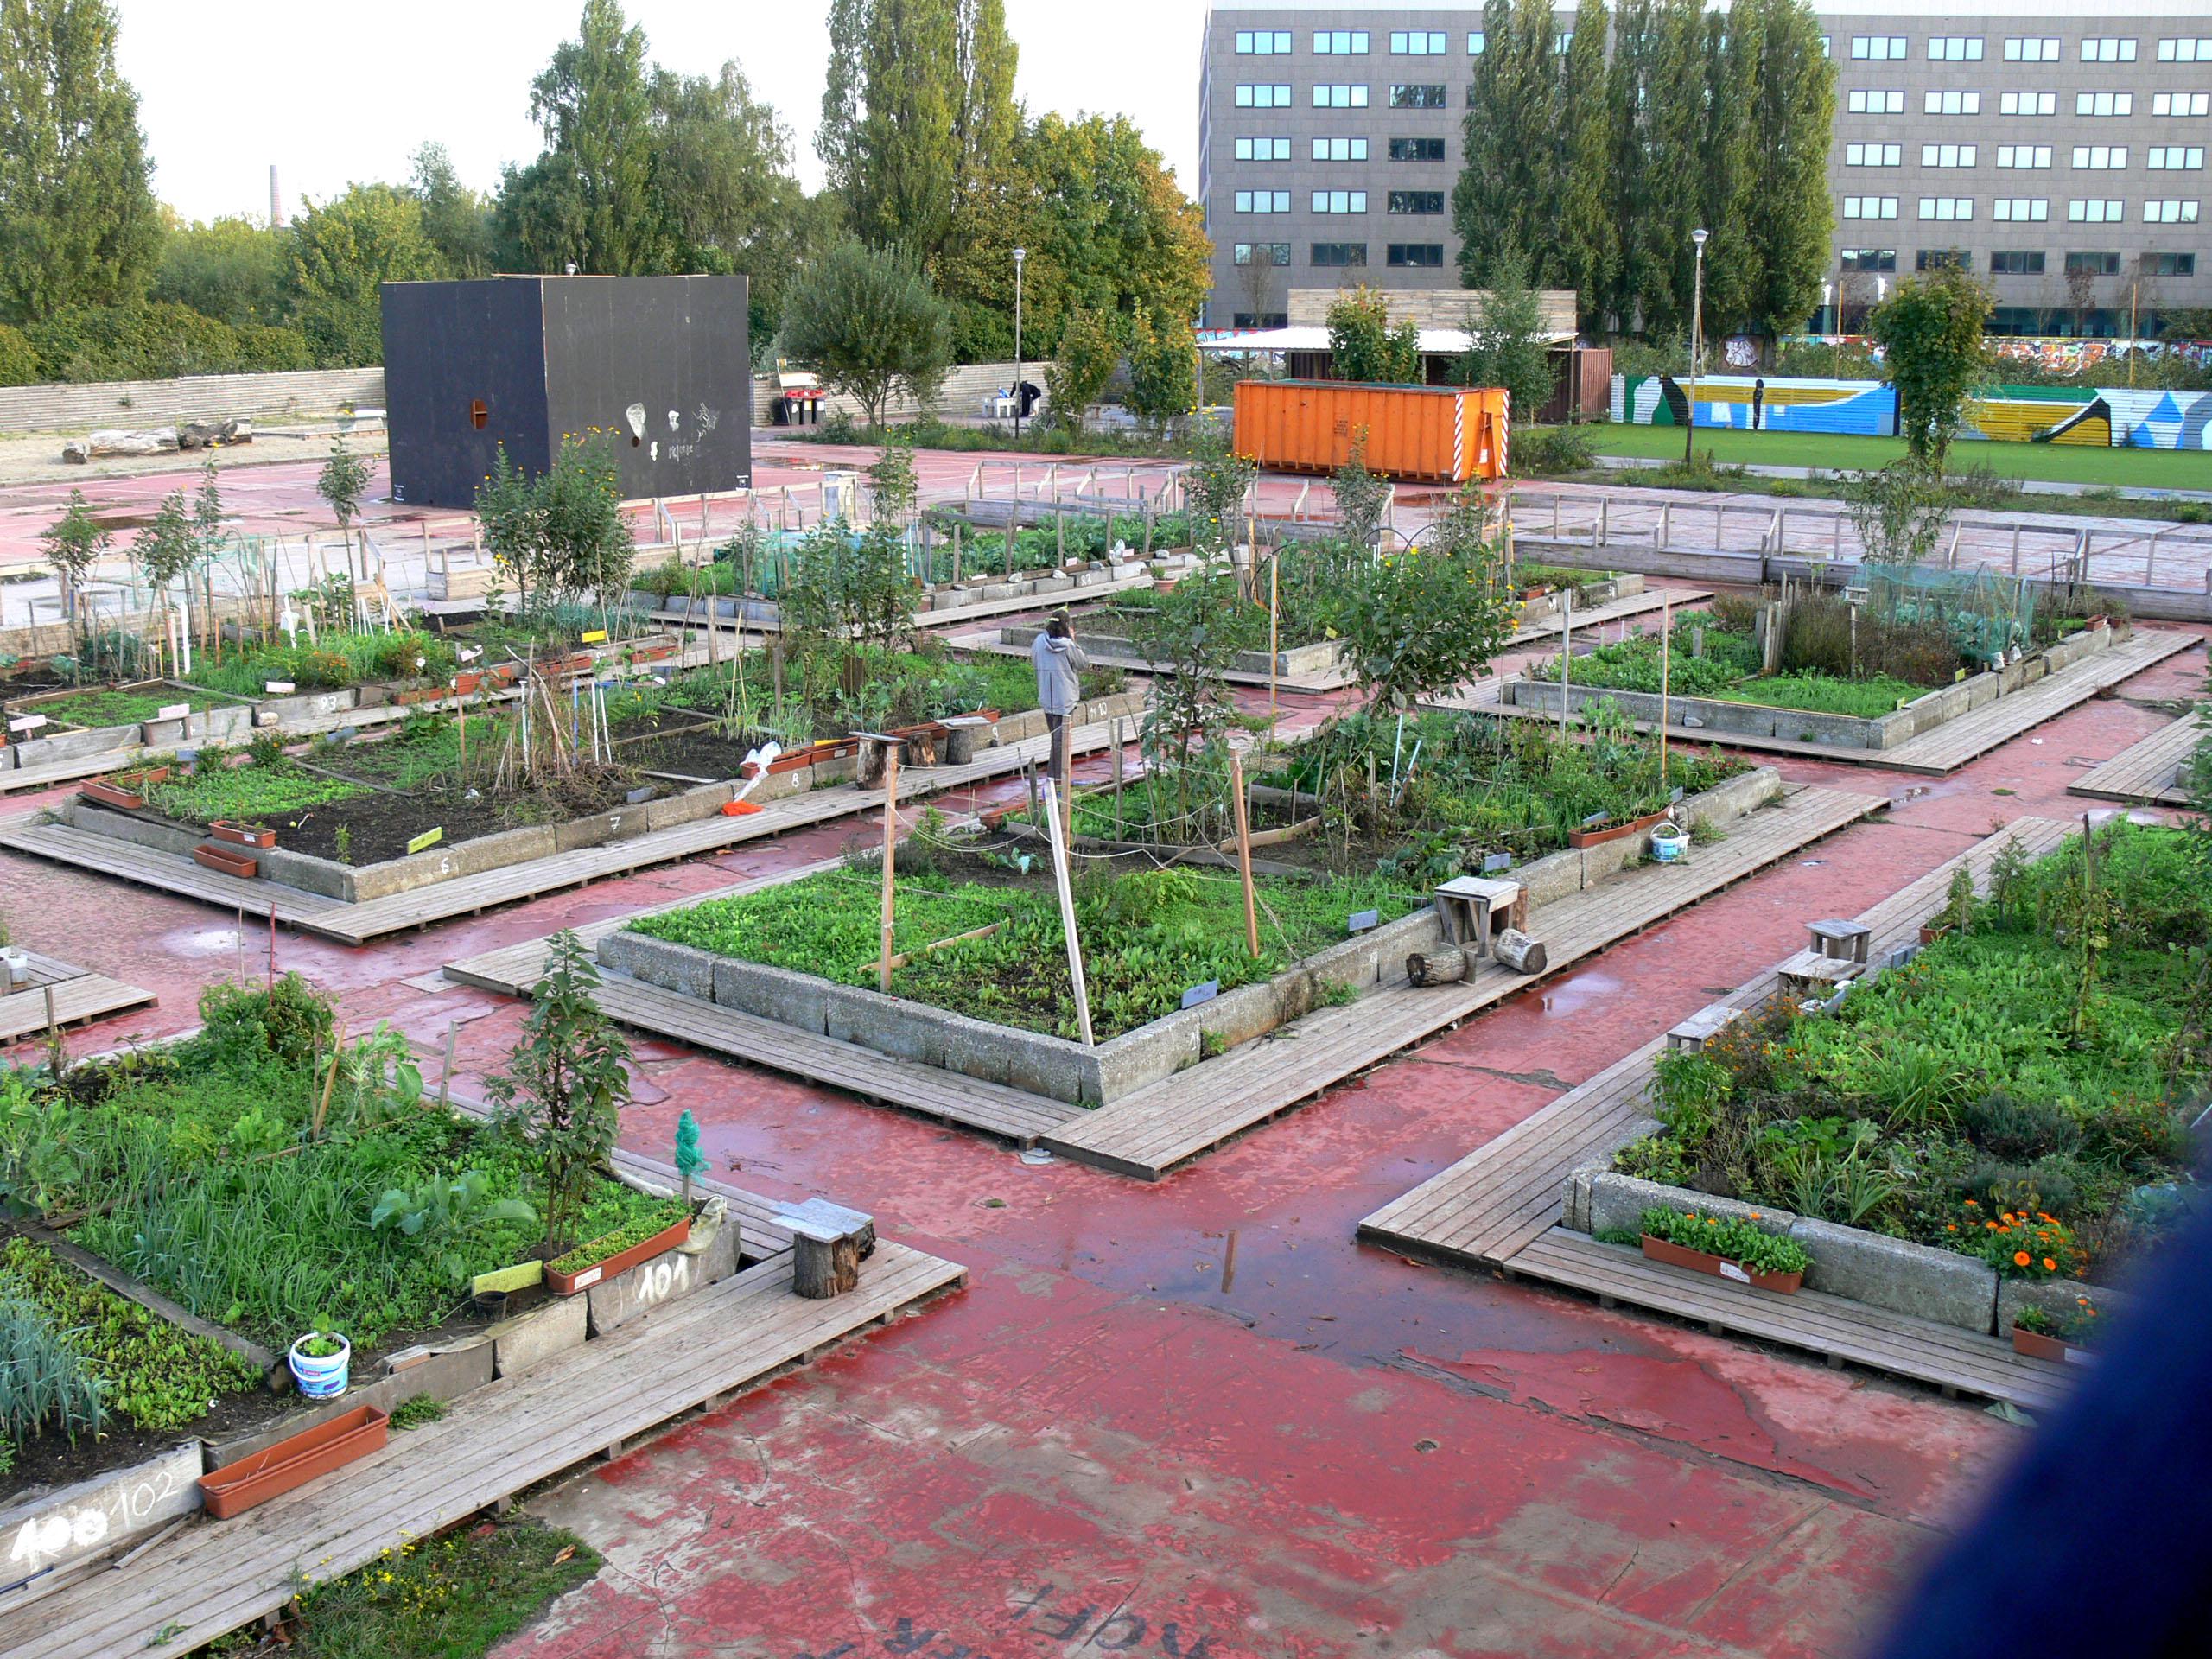 Garden Plots Built On Old Factory Land In Belgium City